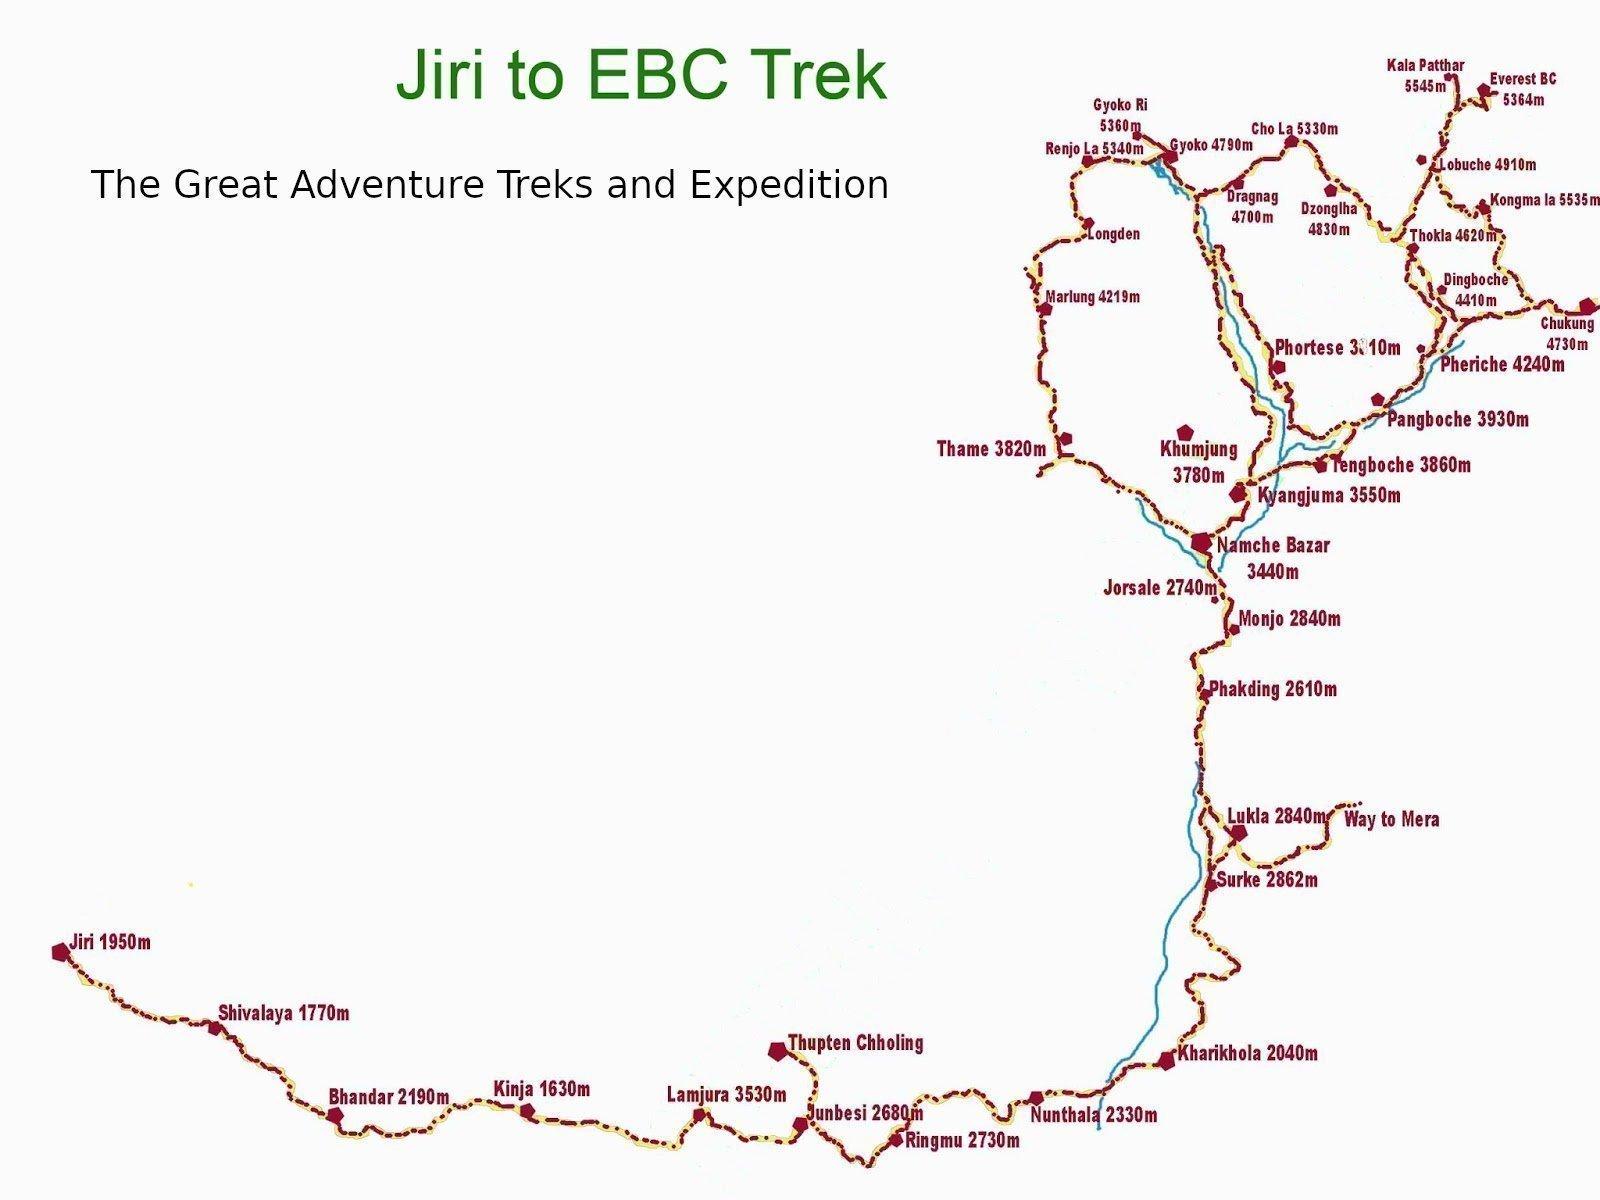 Classic Jiri to Everest Base Camp Trek Map